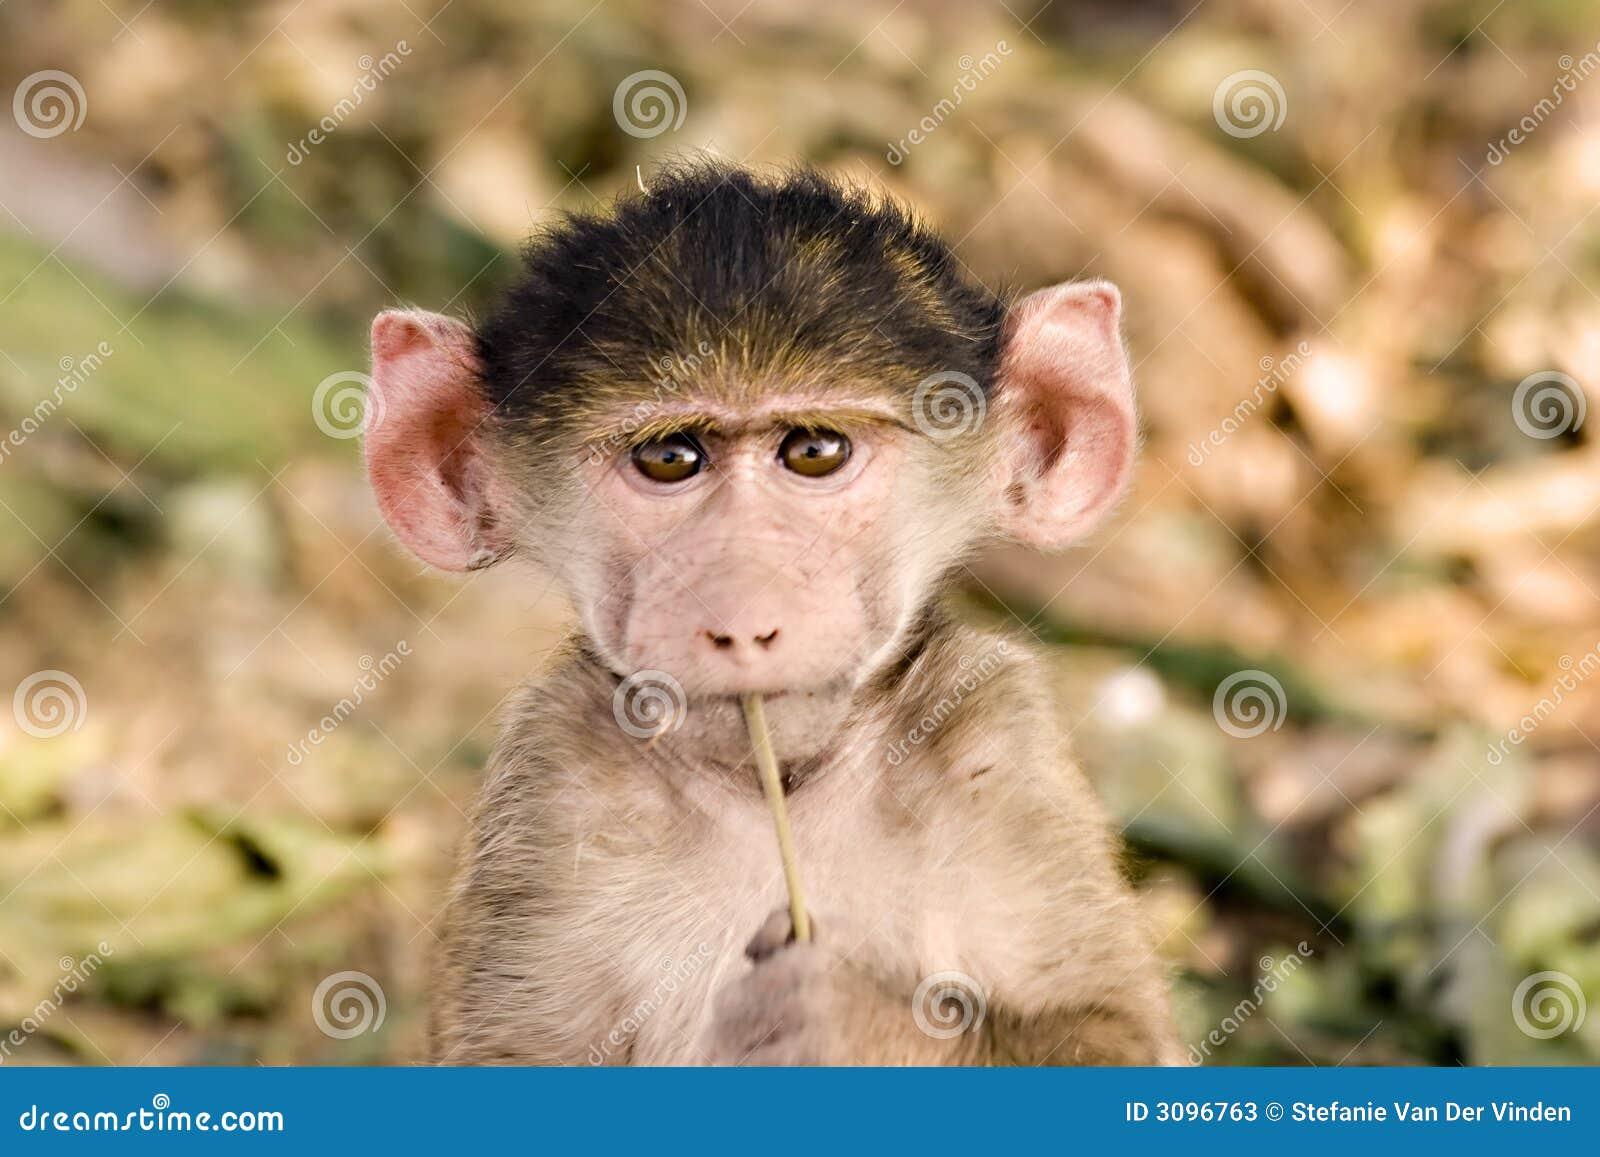 mandrill baboon baby